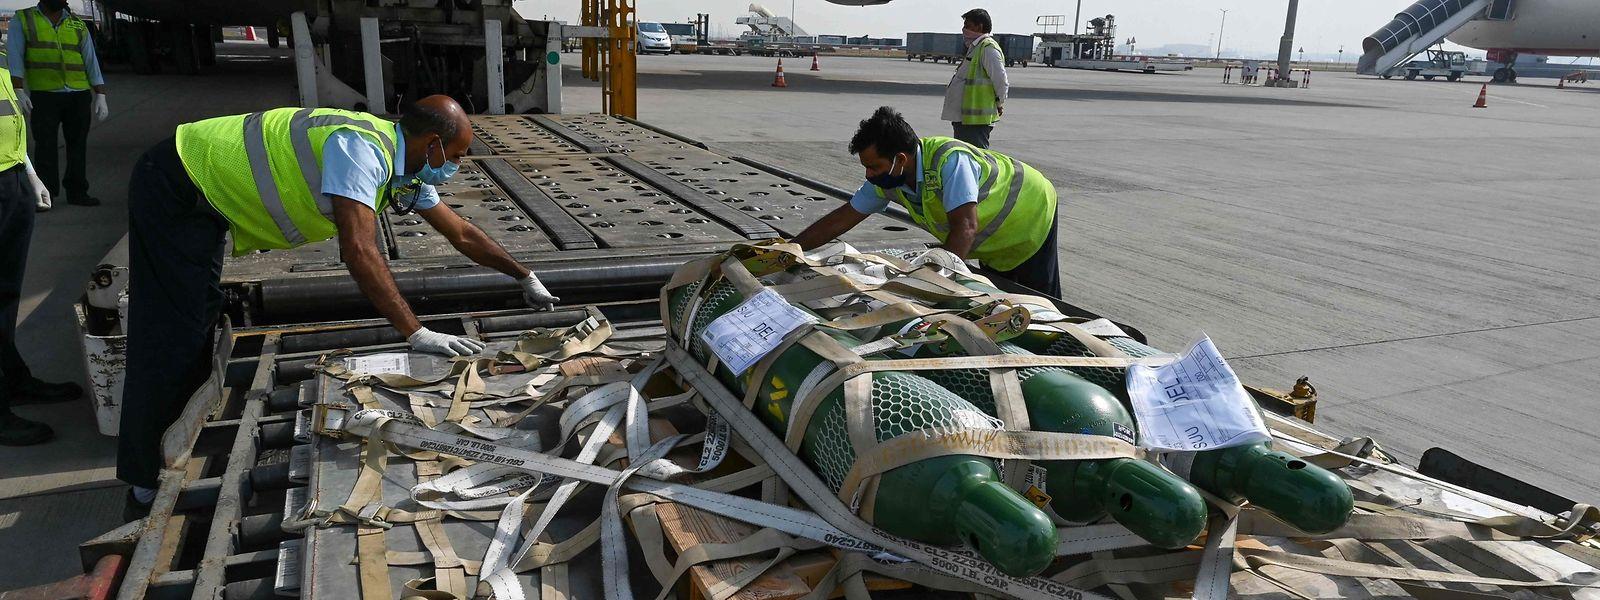 La solidarité internationale s'organise au secours de l'Inde comme avec ce premier appareil US chargé de matériel médical qui a atterri vendredi.